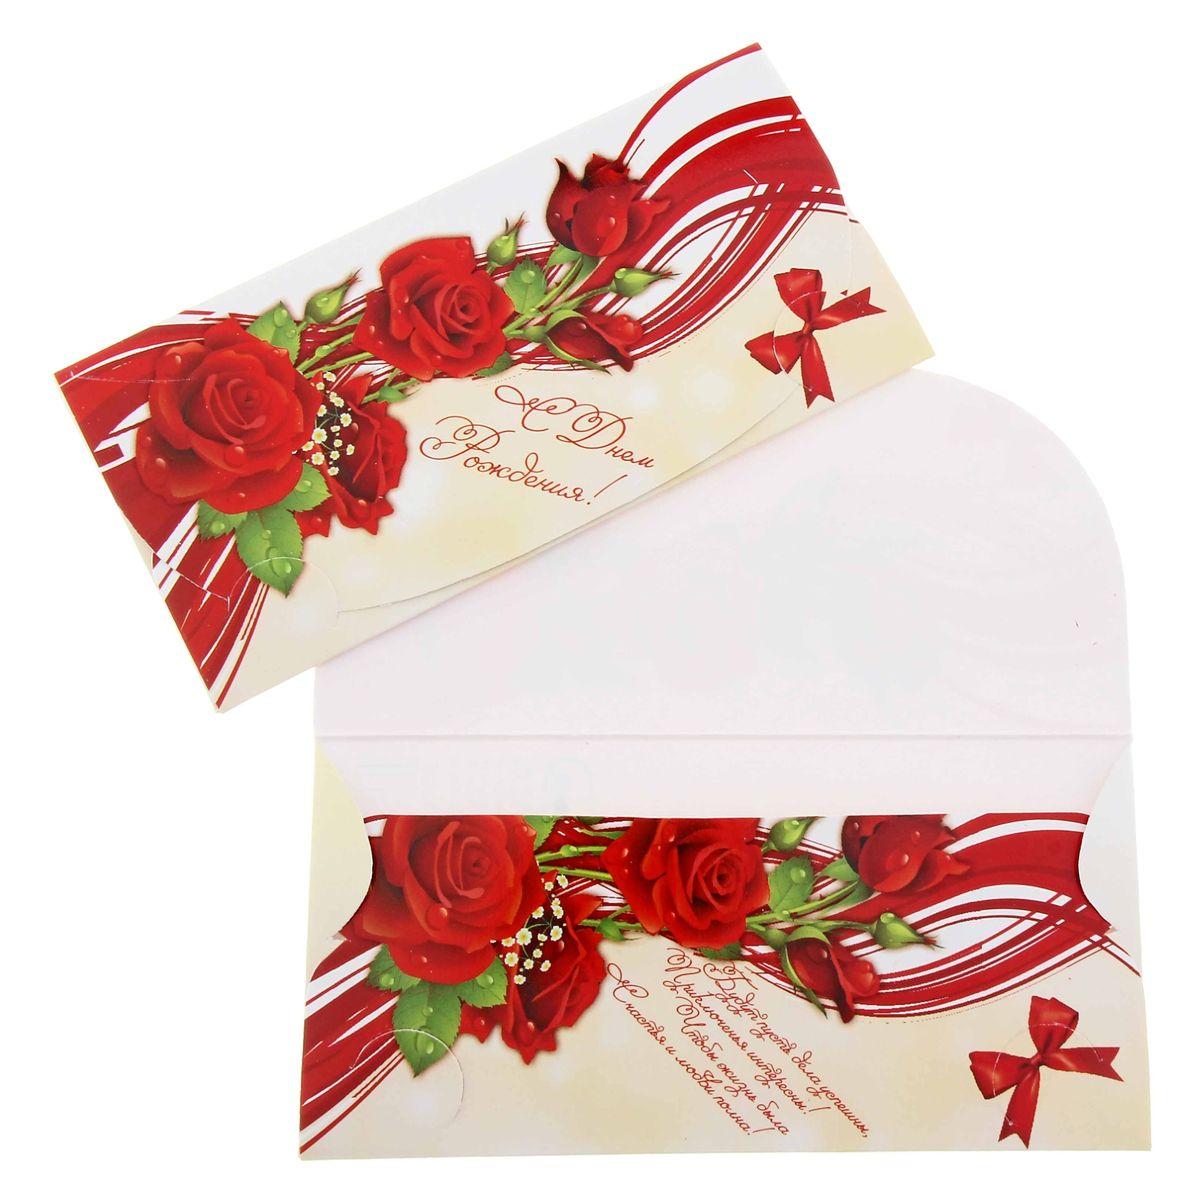 Конверт для денег С Днем Рождения. 1911801021081Конверт для денег С Днем Рождения, изготовленный из плотного картона, украшен ярким принтом с надписью, продолжение которой - внутри конверта. Конверт отлично подойдет для денежного подарка.